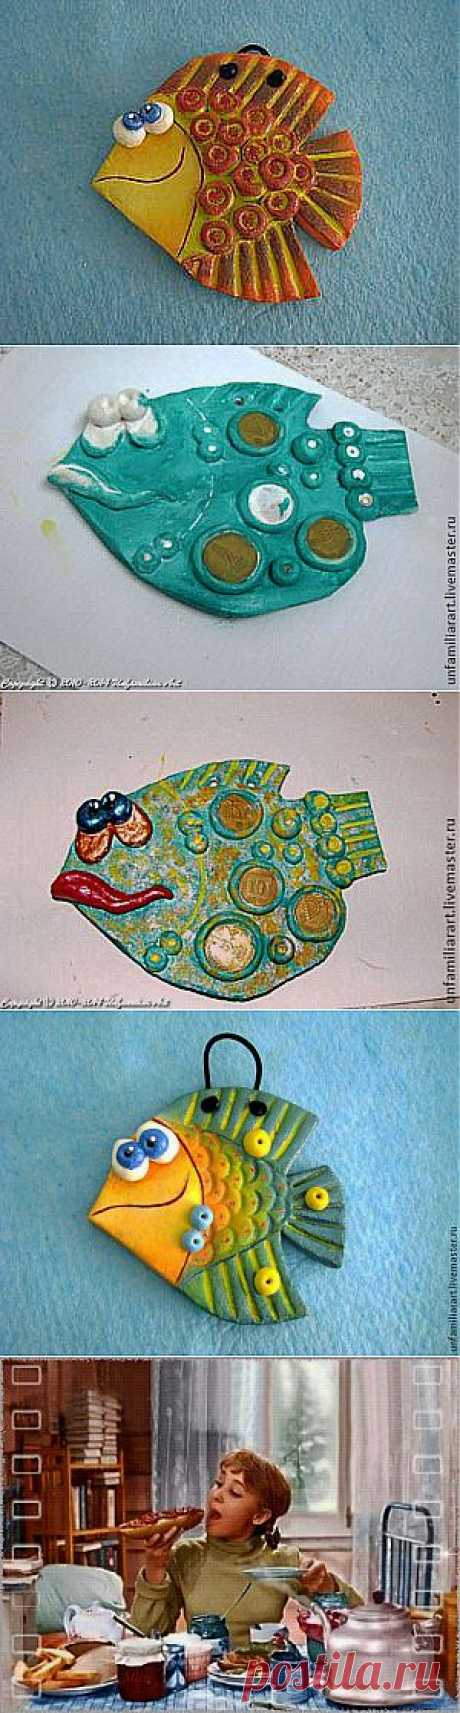 Monetario rybka del test salado. El autor Anna Frug | las manos Chifladas